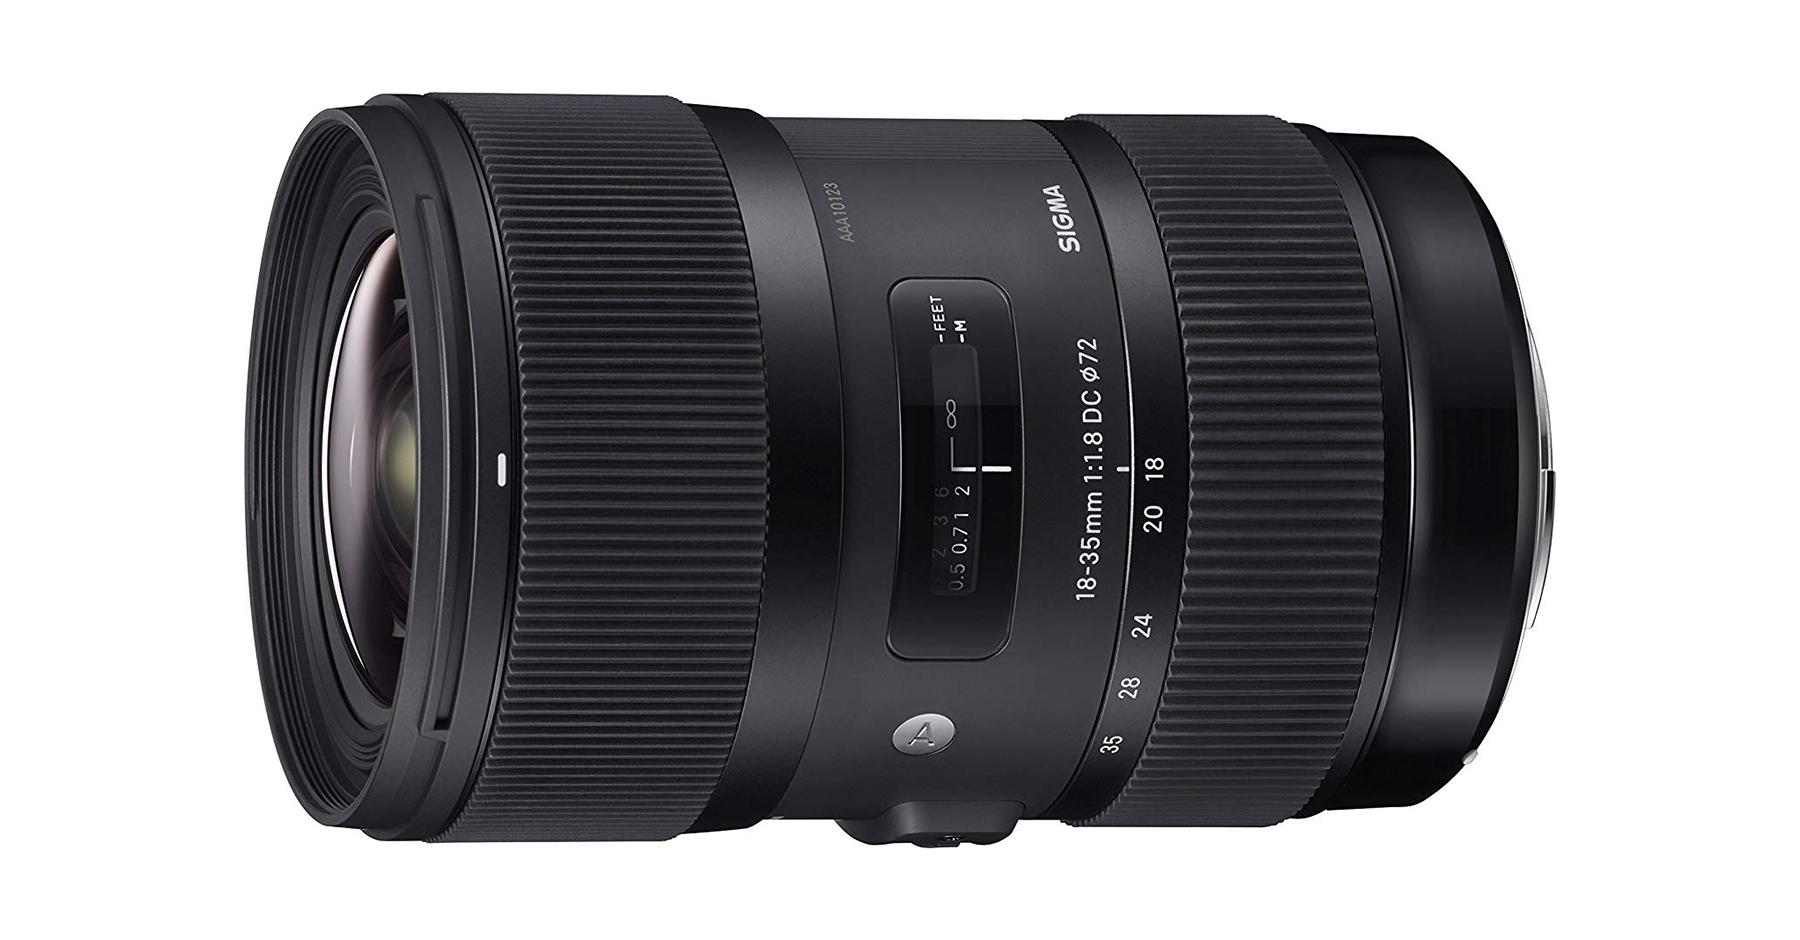 Optiques vidéo : Sigma Art 18-35 mm f/1.8 DC HSM.